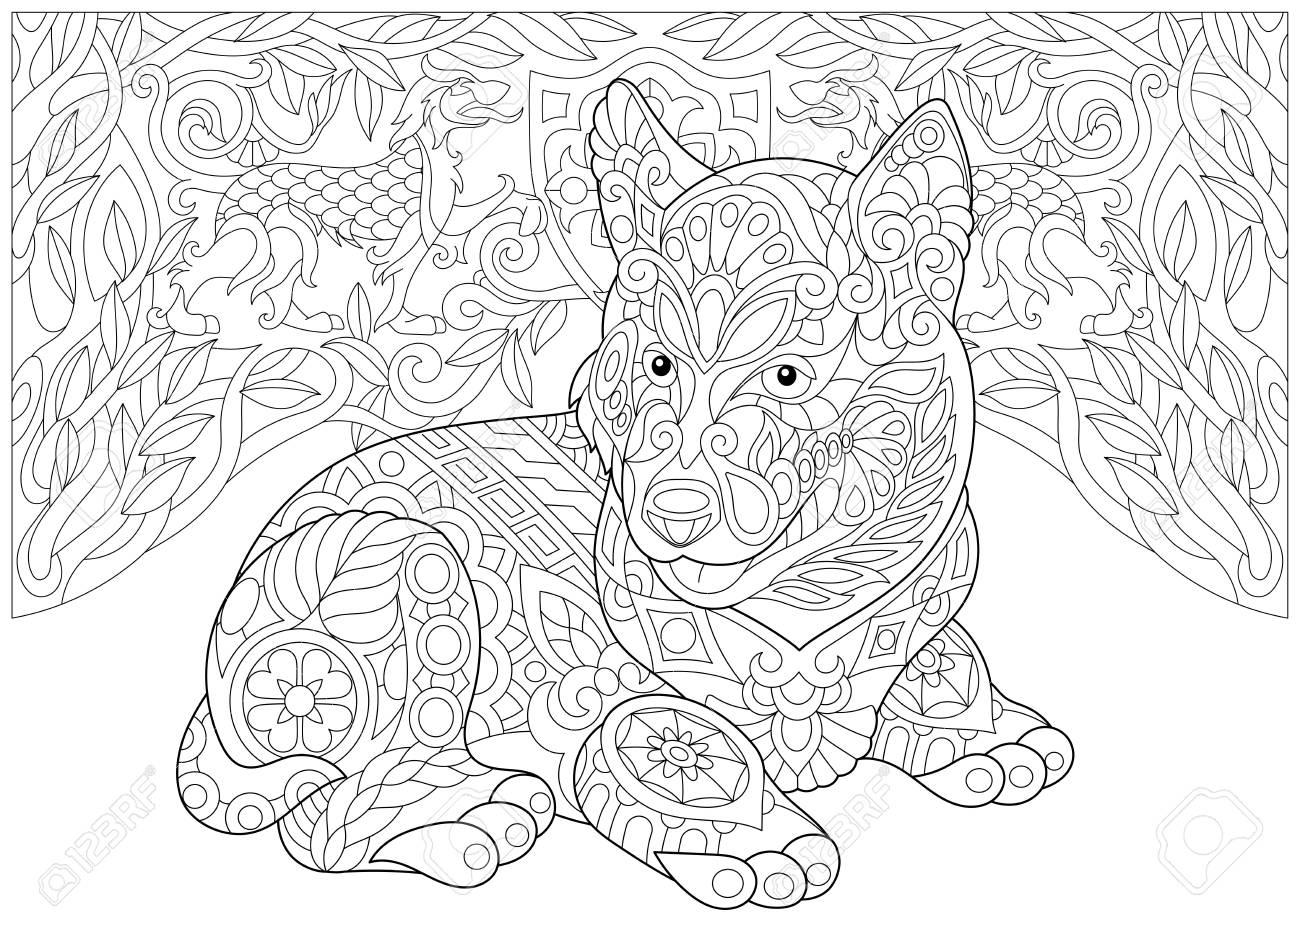 Imagenes Fondo De Pantalla Dibujos De Mandalas Para Colorear De Perros